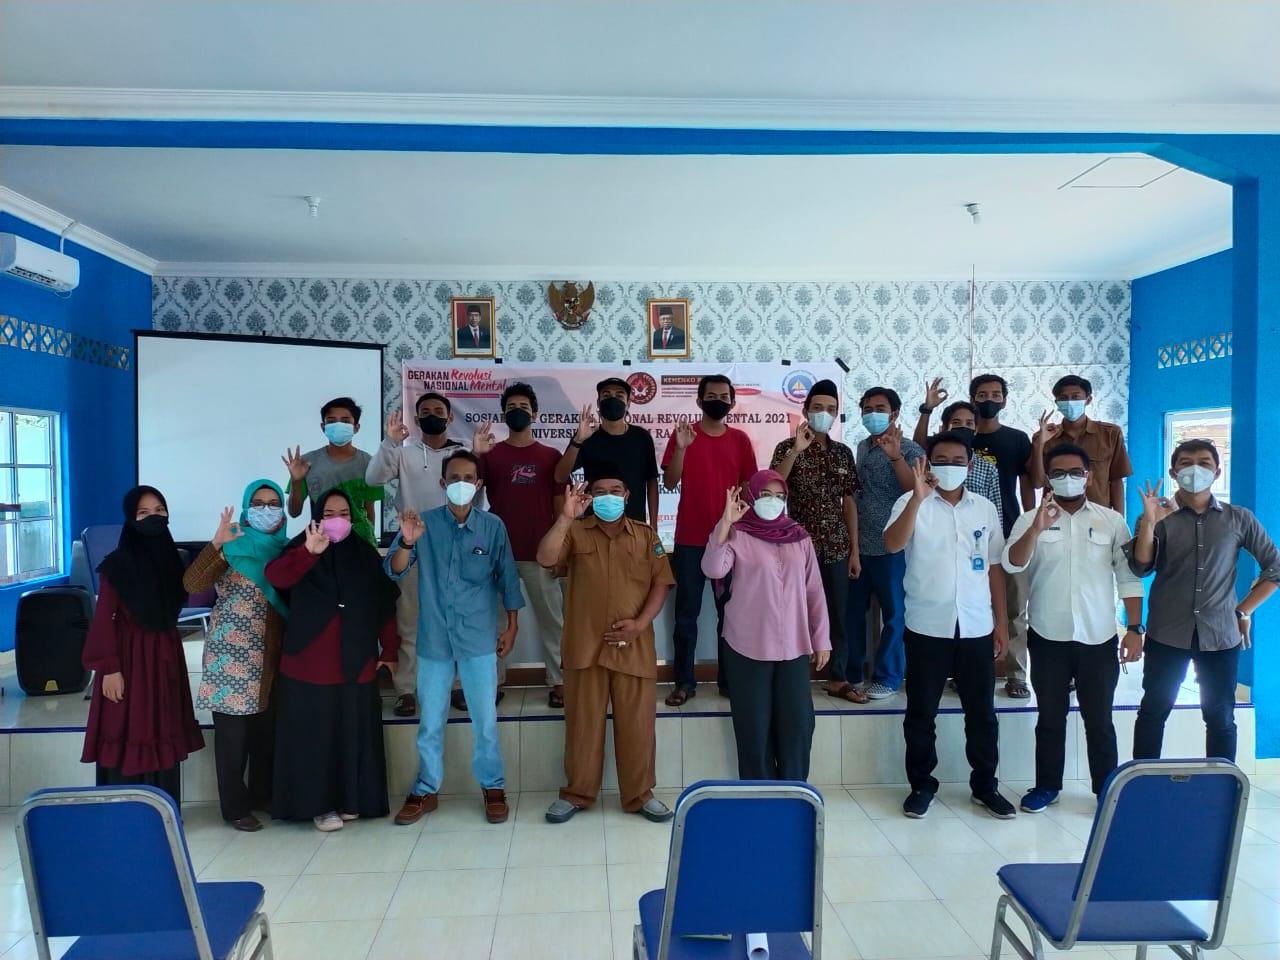 Foto Bersama Panitia, Narasumber dan Peserta Kegiatan GNRM UMRAH Di Desa Teluk Bakau Kabupaten Bintan.